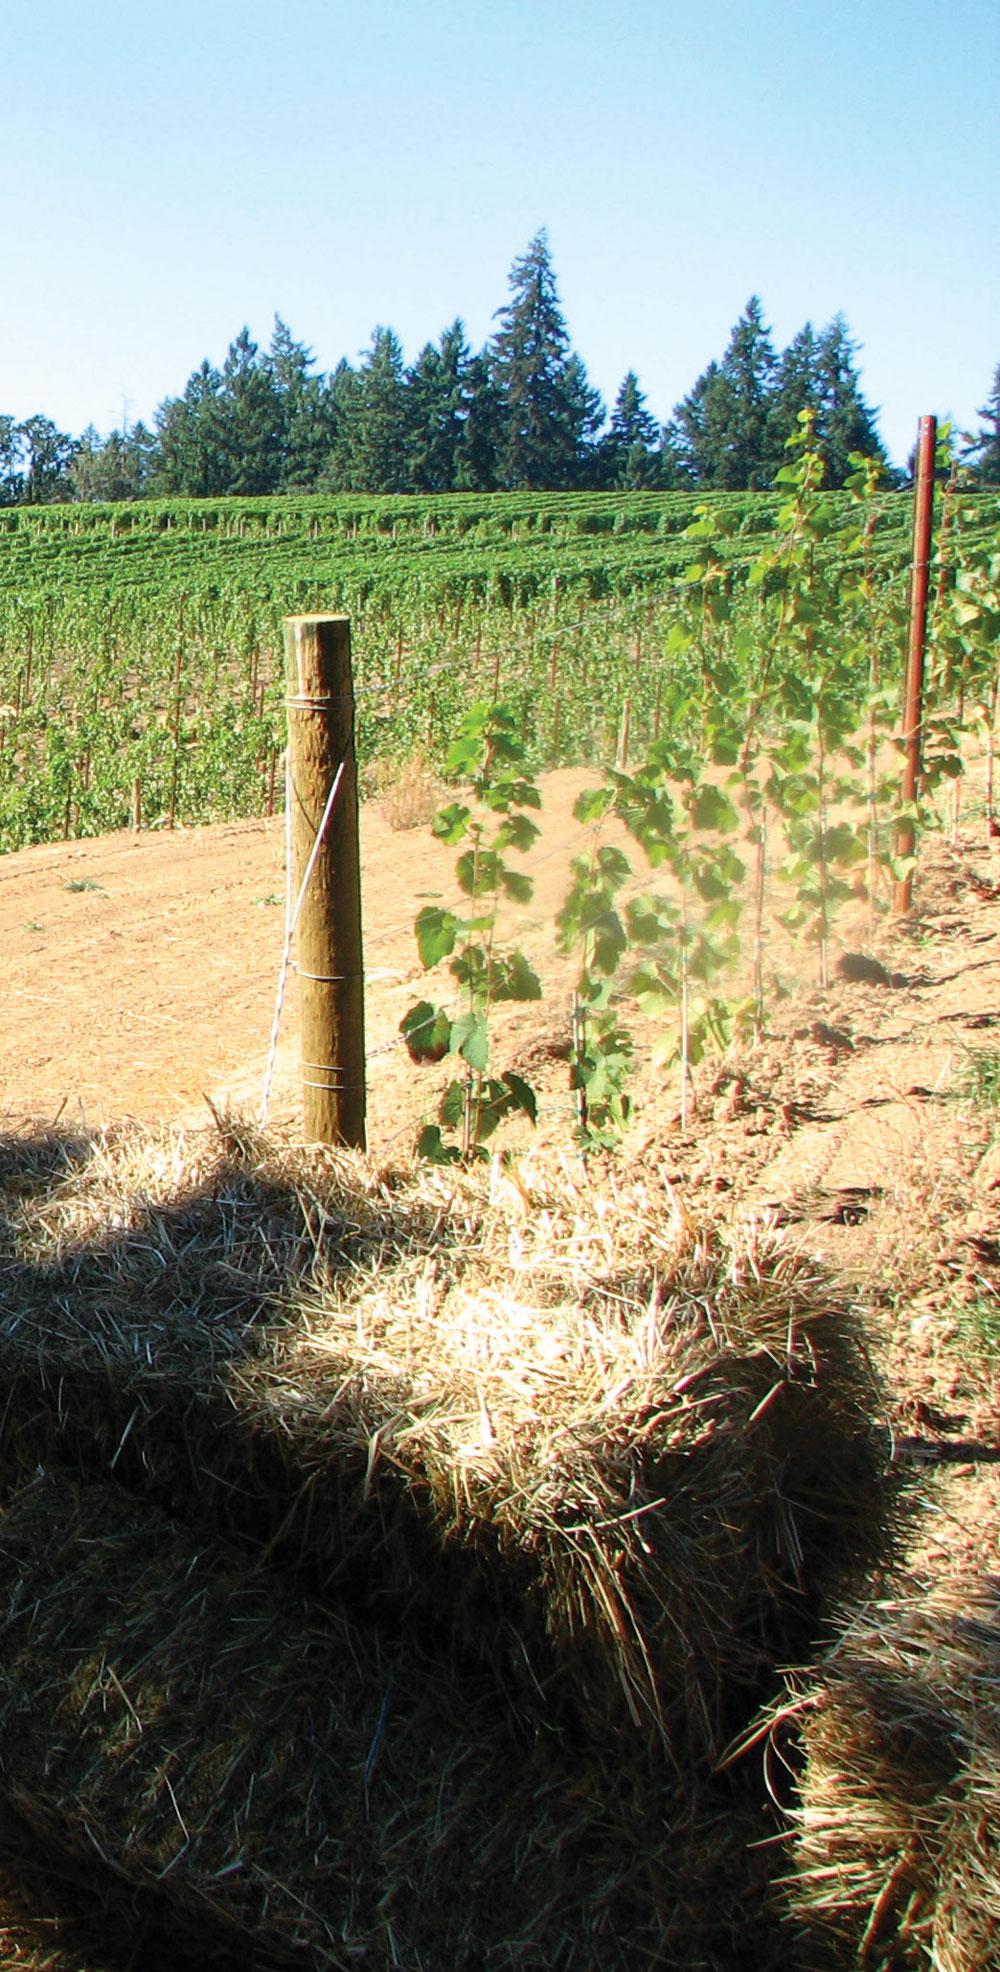 Le domaine de 88 acres, situé dans les coteaux au sud-ouest de Portland dans l'État de l'Oregon